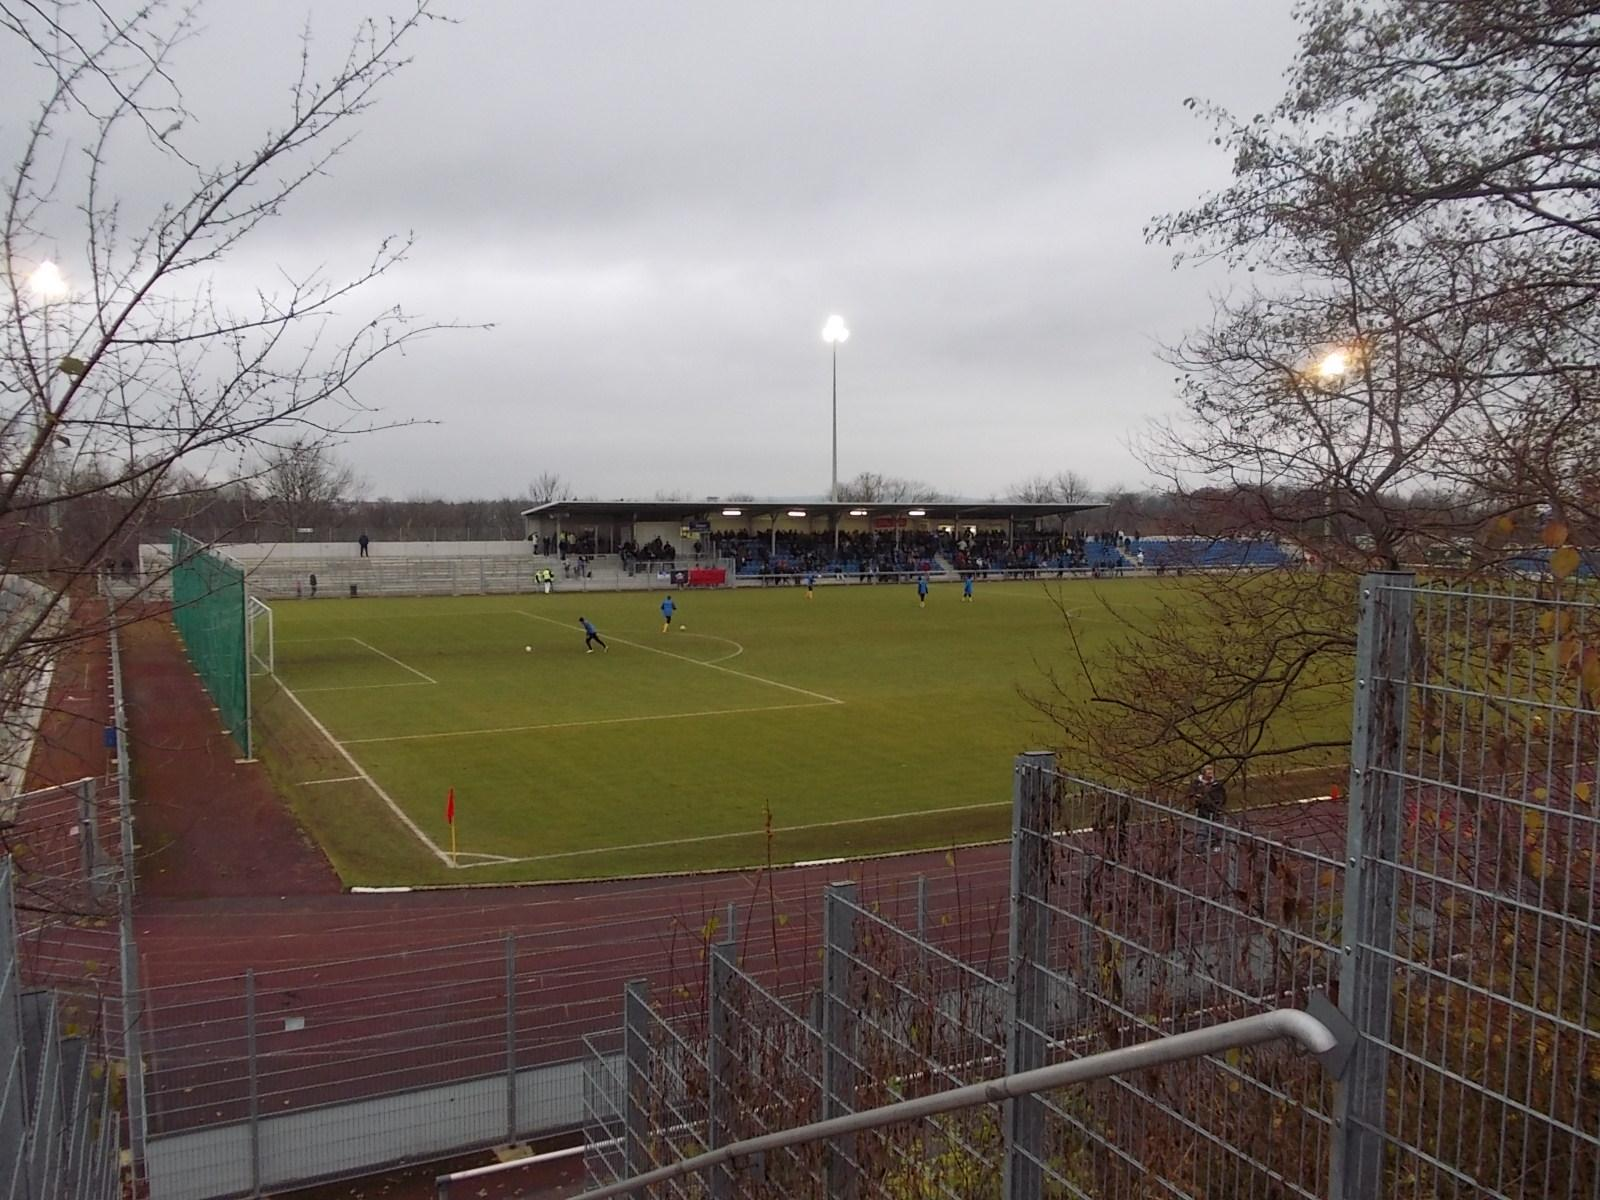 Lüneburger Sk Stadion